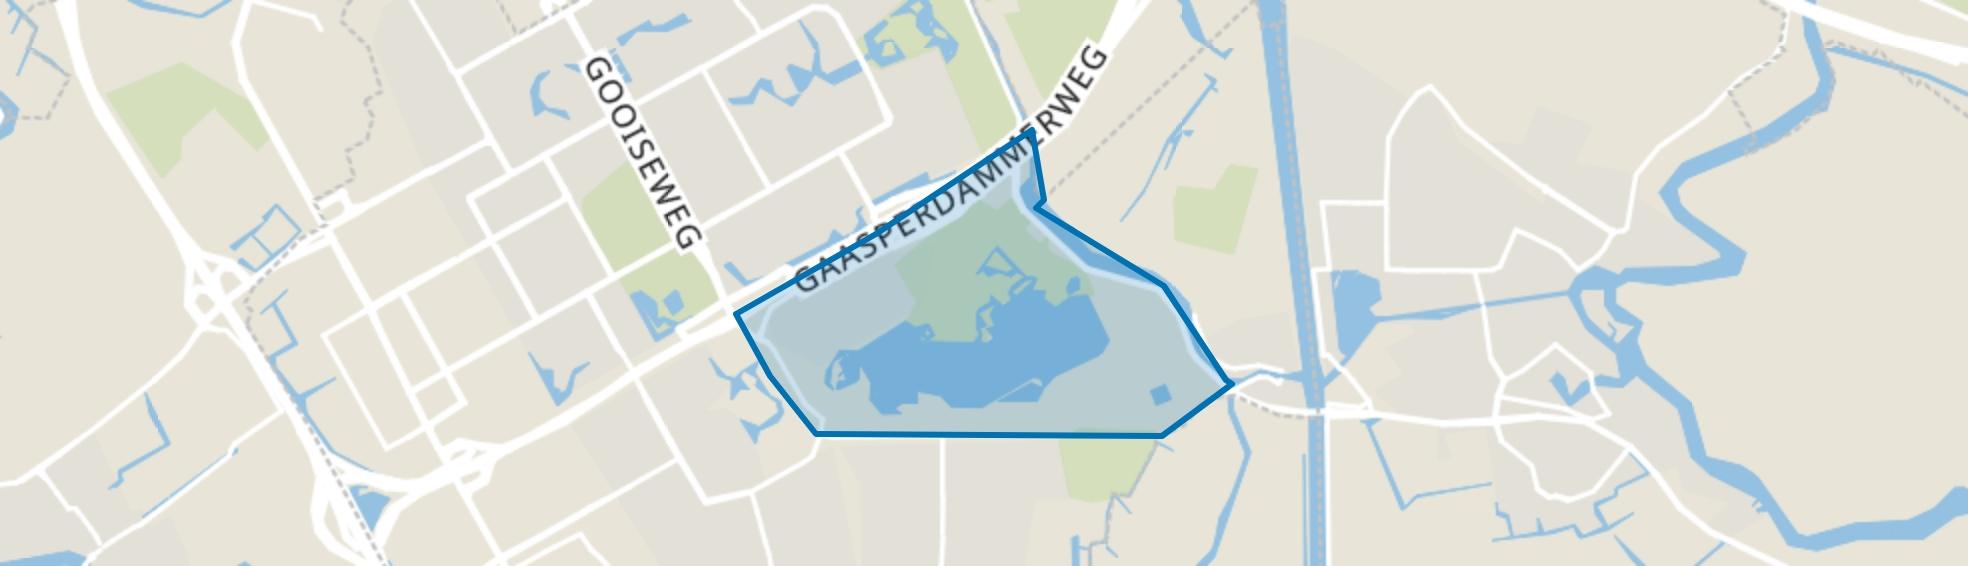 Nellestein, Amsterdam map